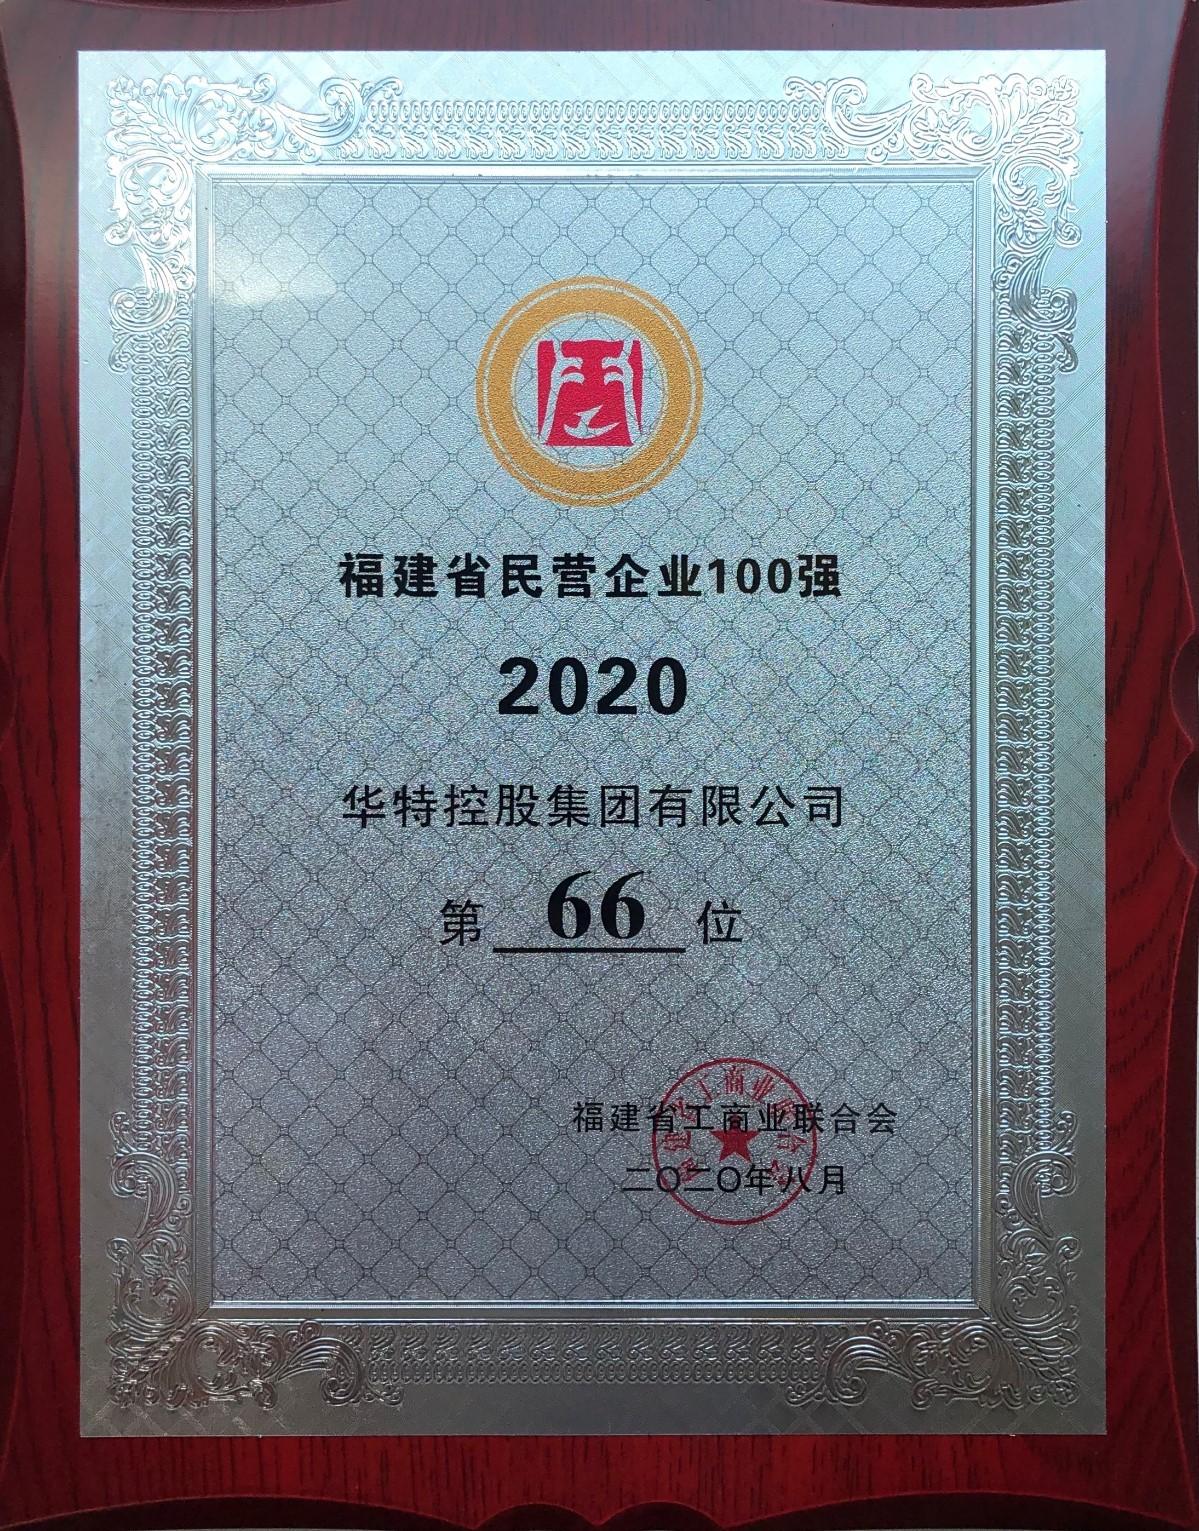 2020年66名牌匾.jpg